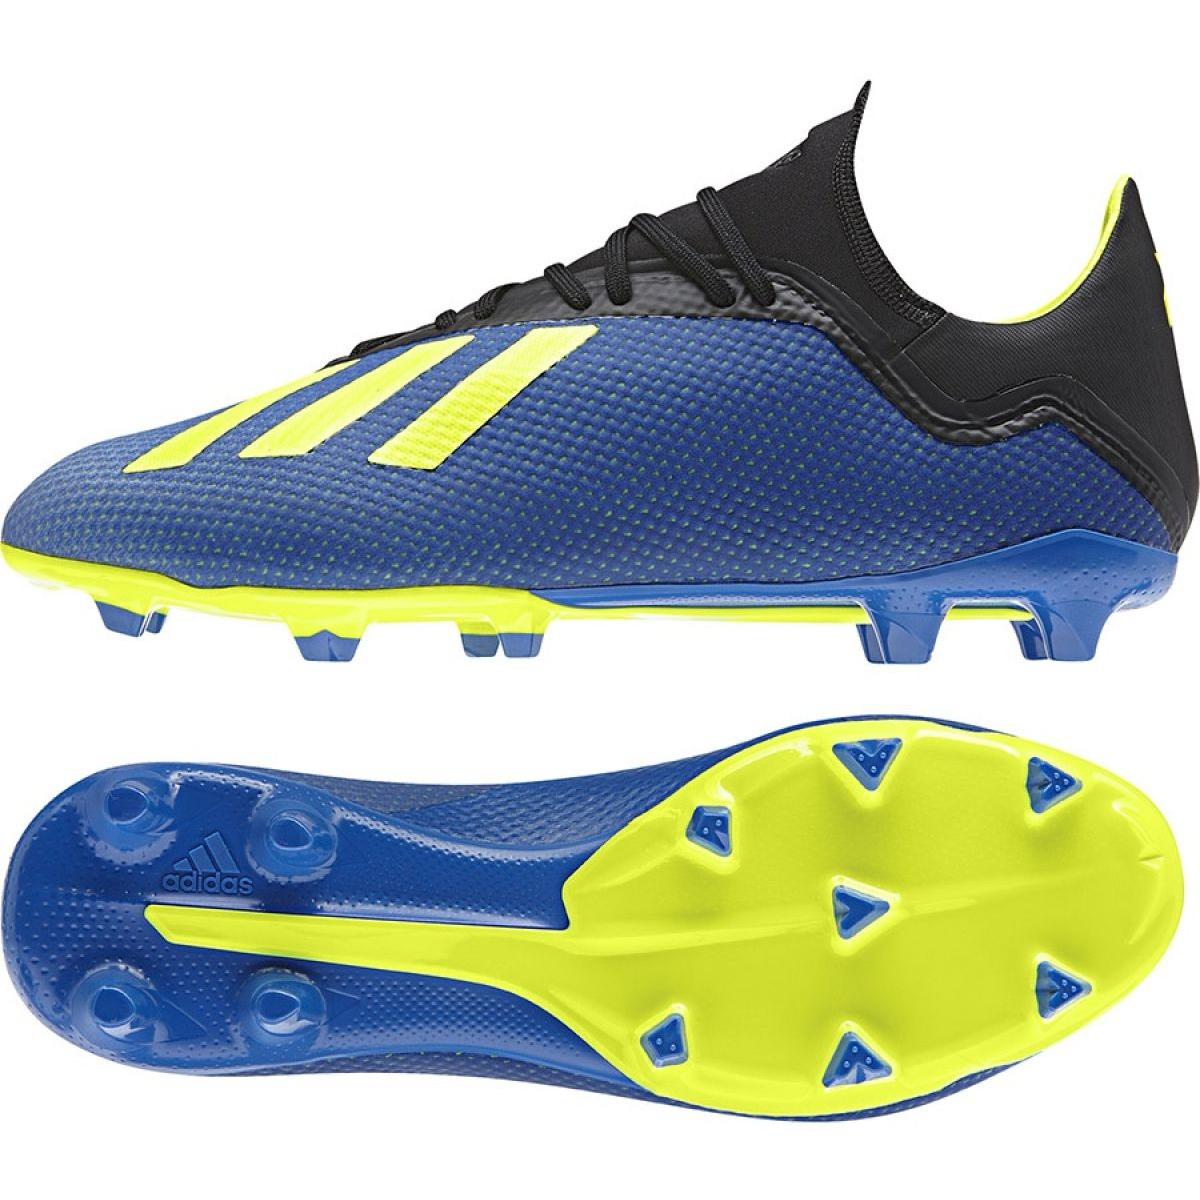 Chuteiras de futebol adidas X 18.3 Fg M DA9335 azul azul marinho